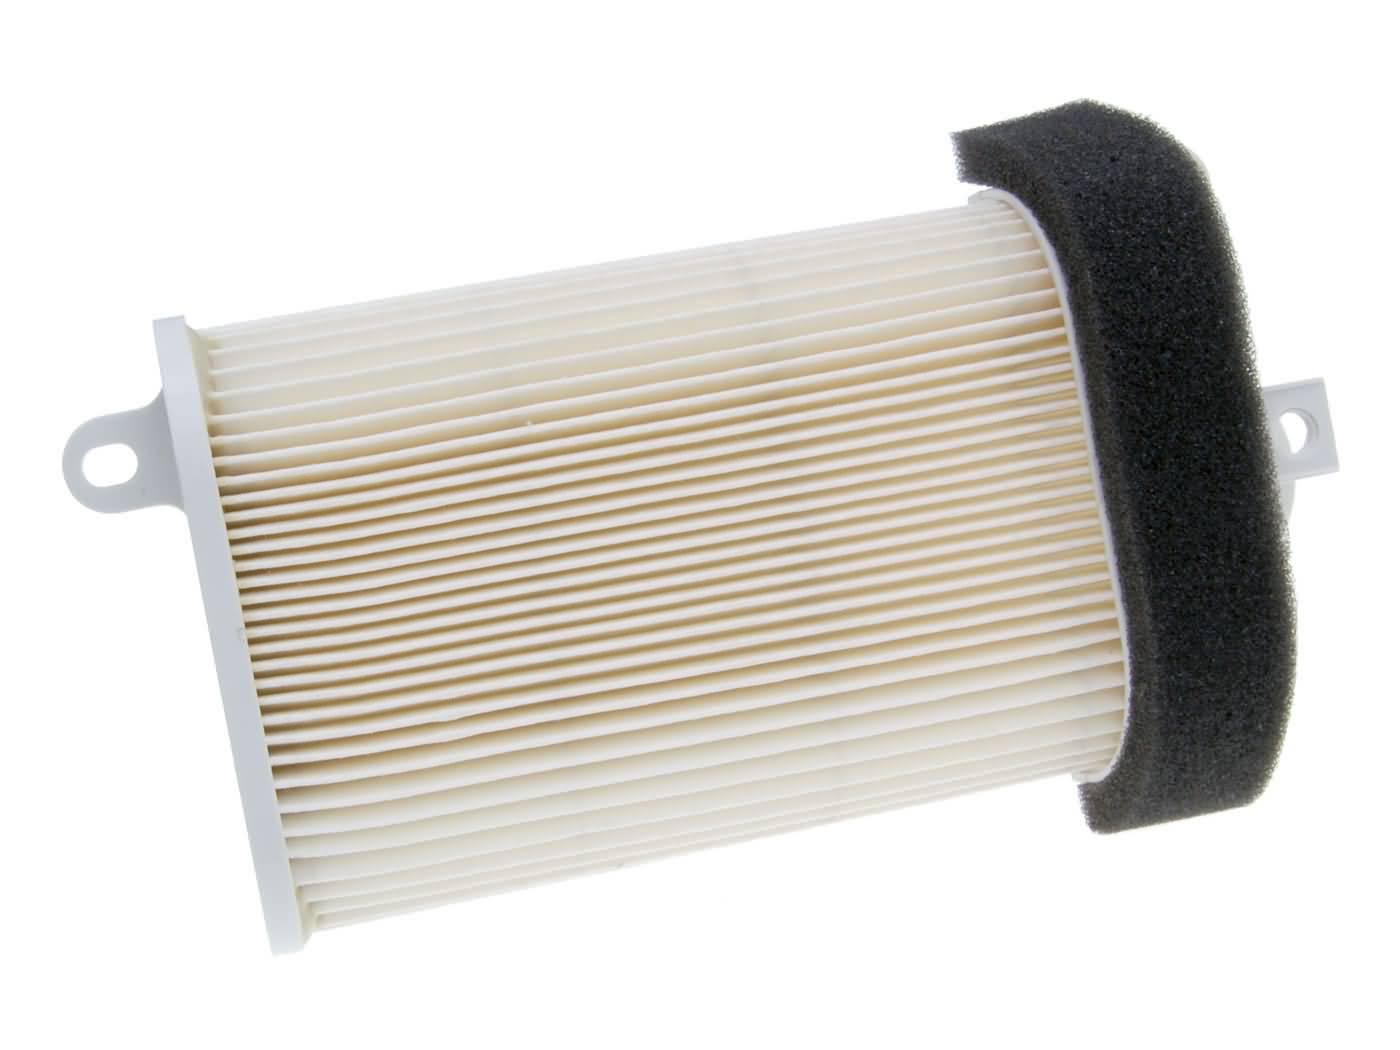 Luftfilter Einsatz Motorgehäuse links für Yamaha T-Max 530 12-13